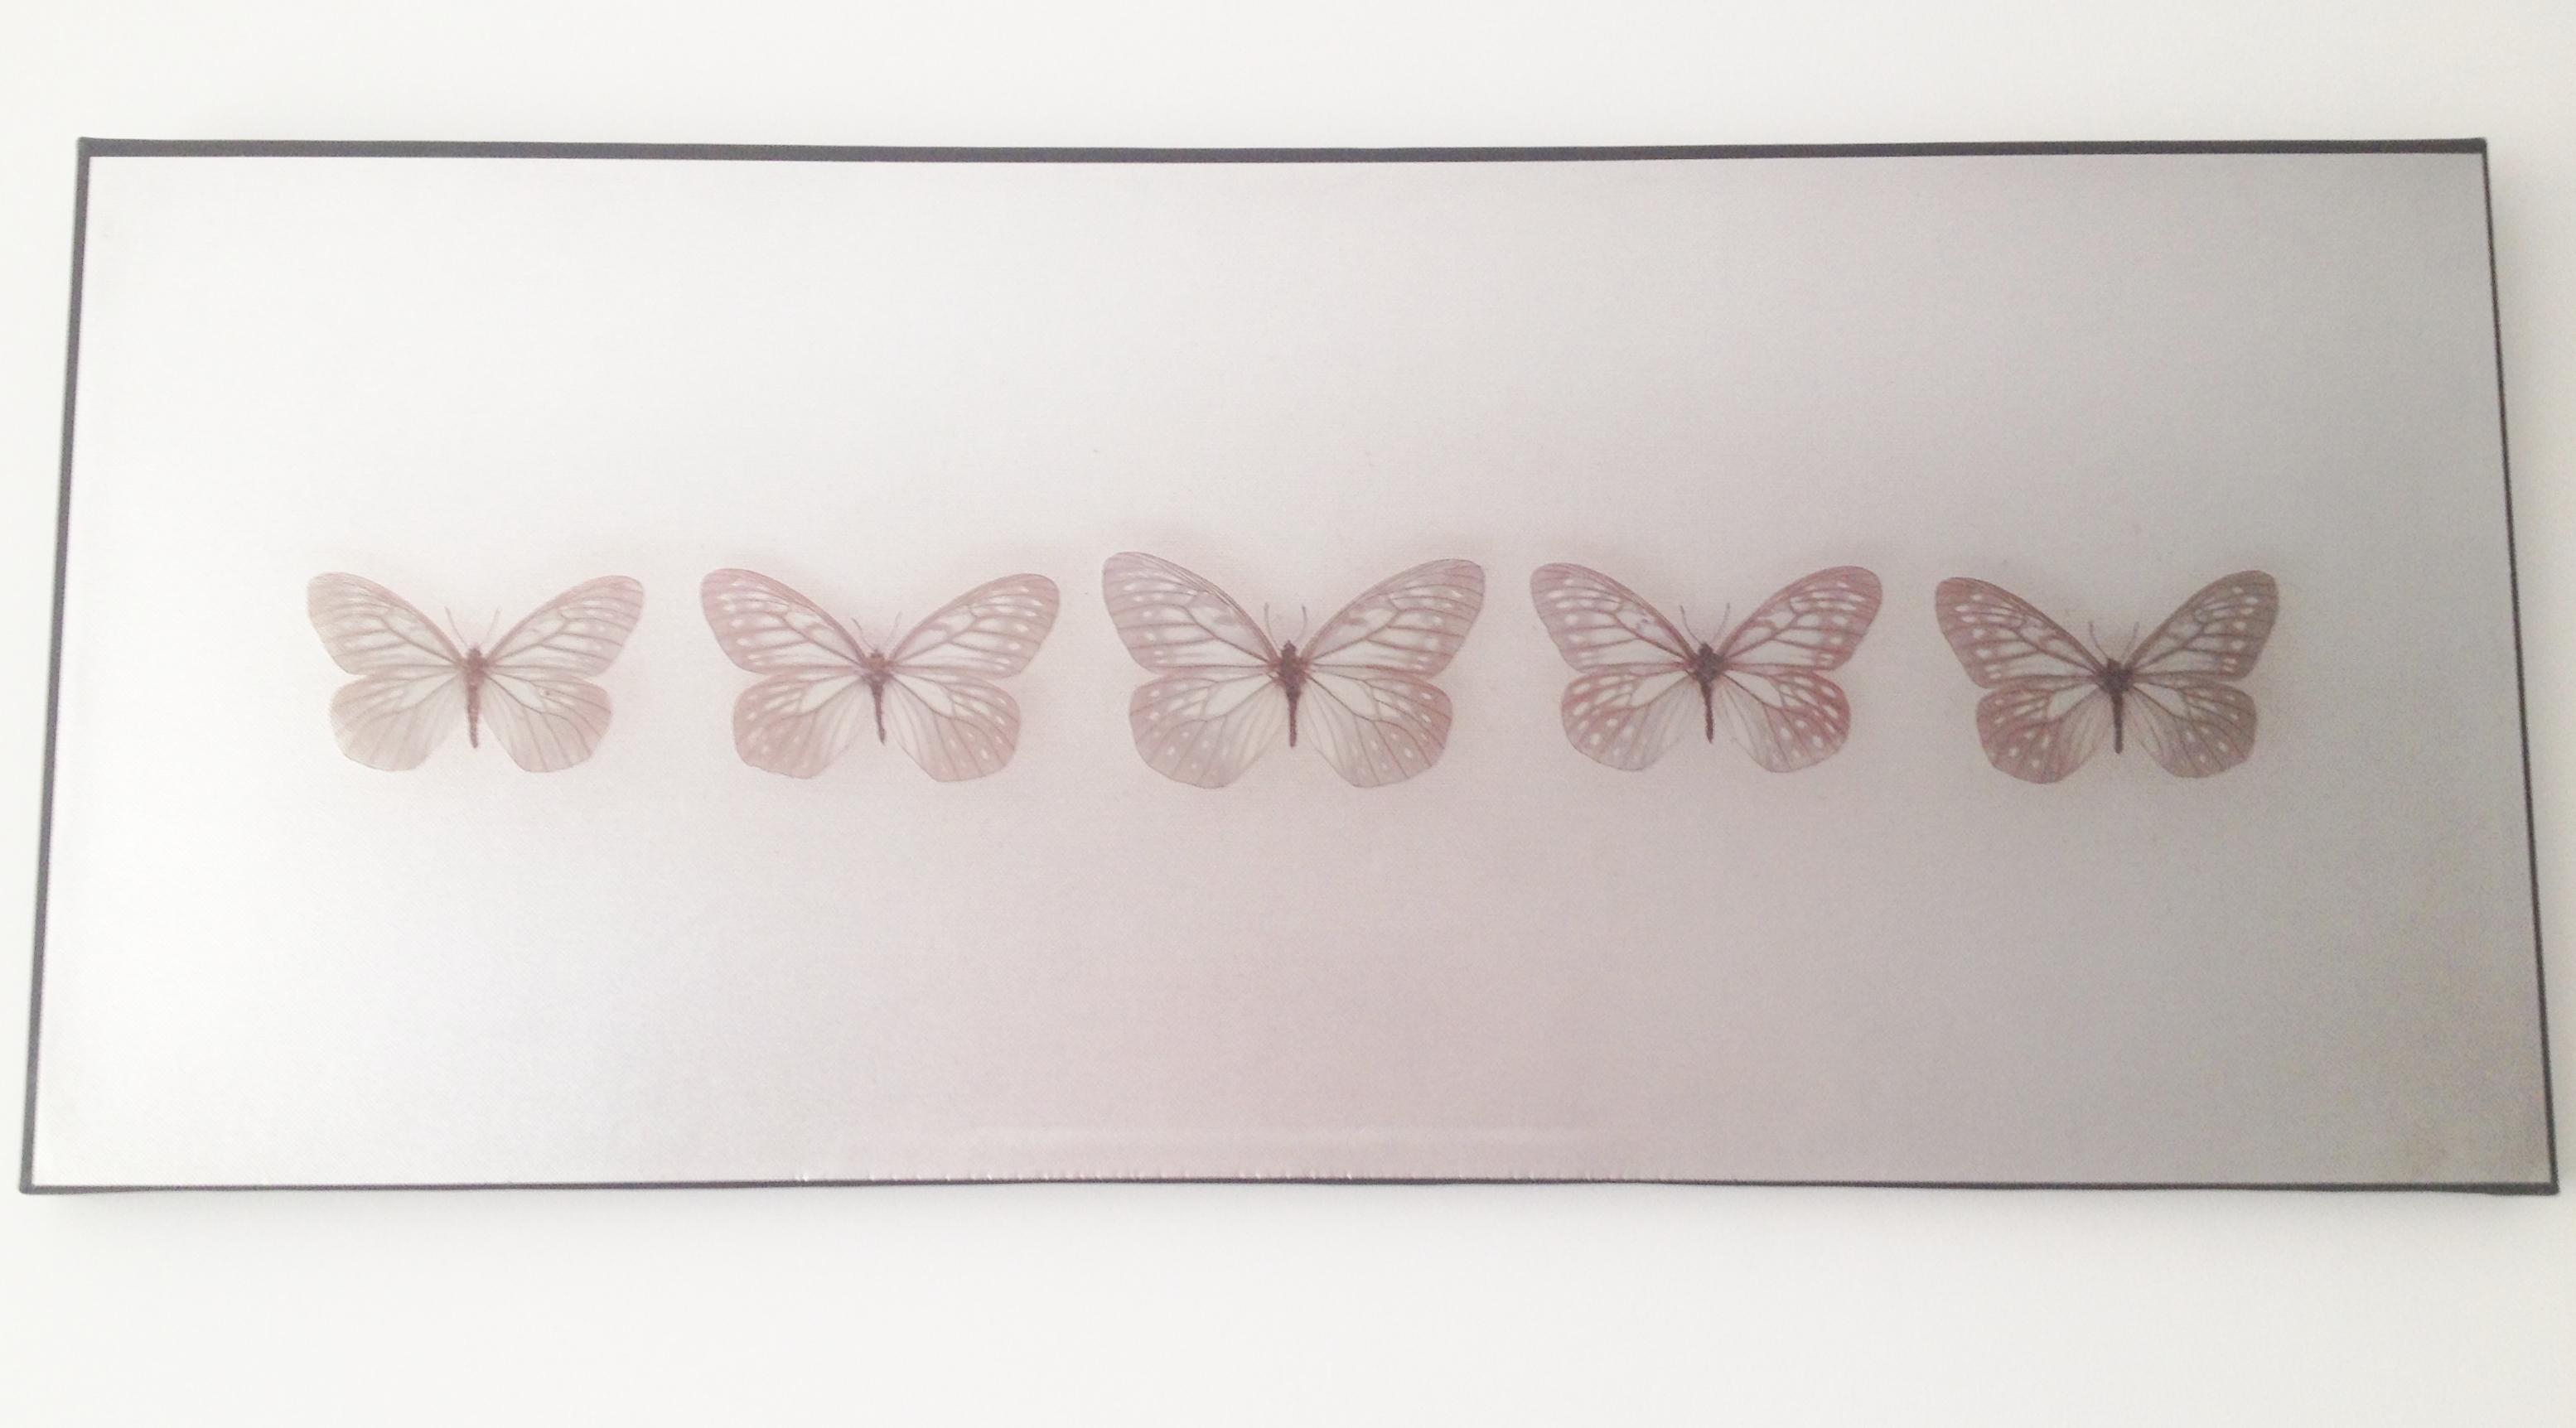 Butterfly Wall Art Its So Me Pretty Big Butterflies